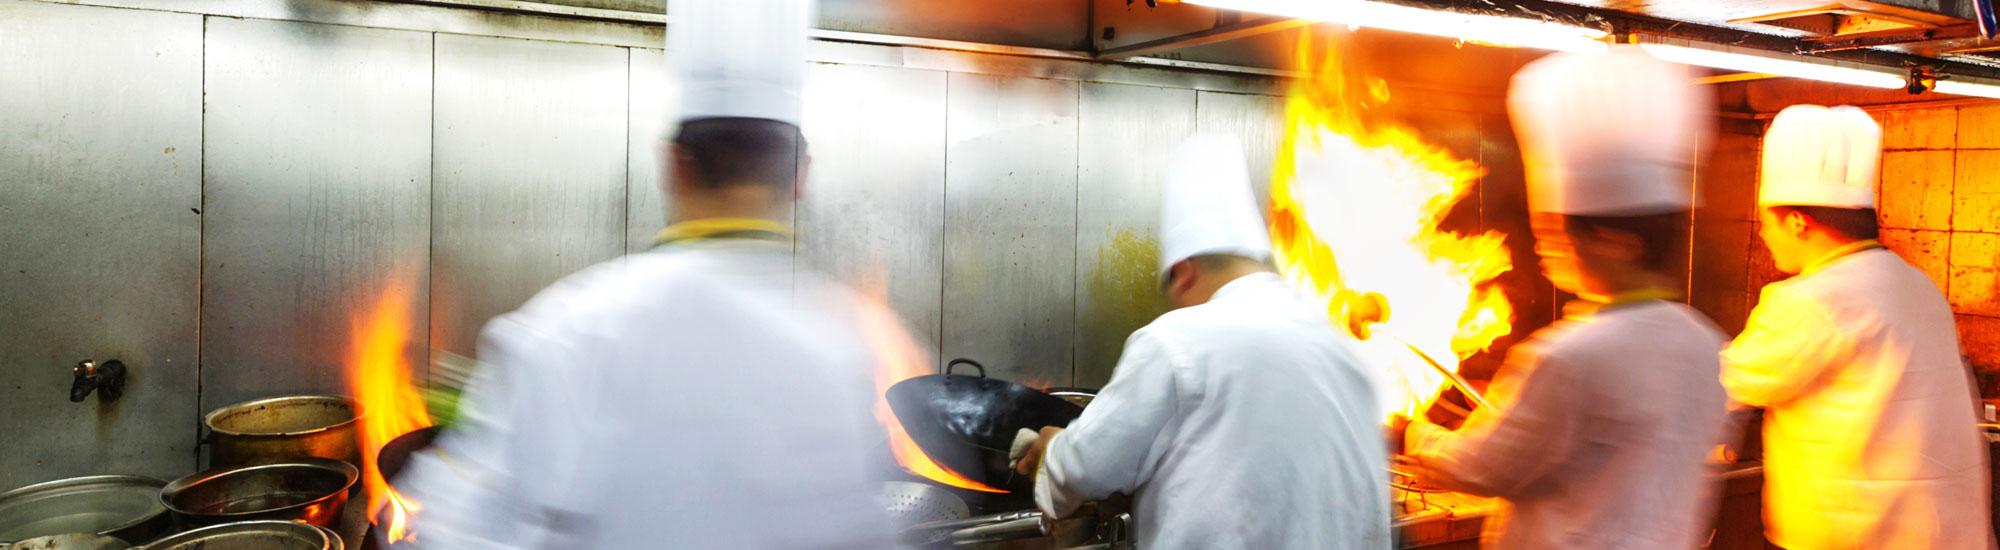 paste fresche per la ristorazione